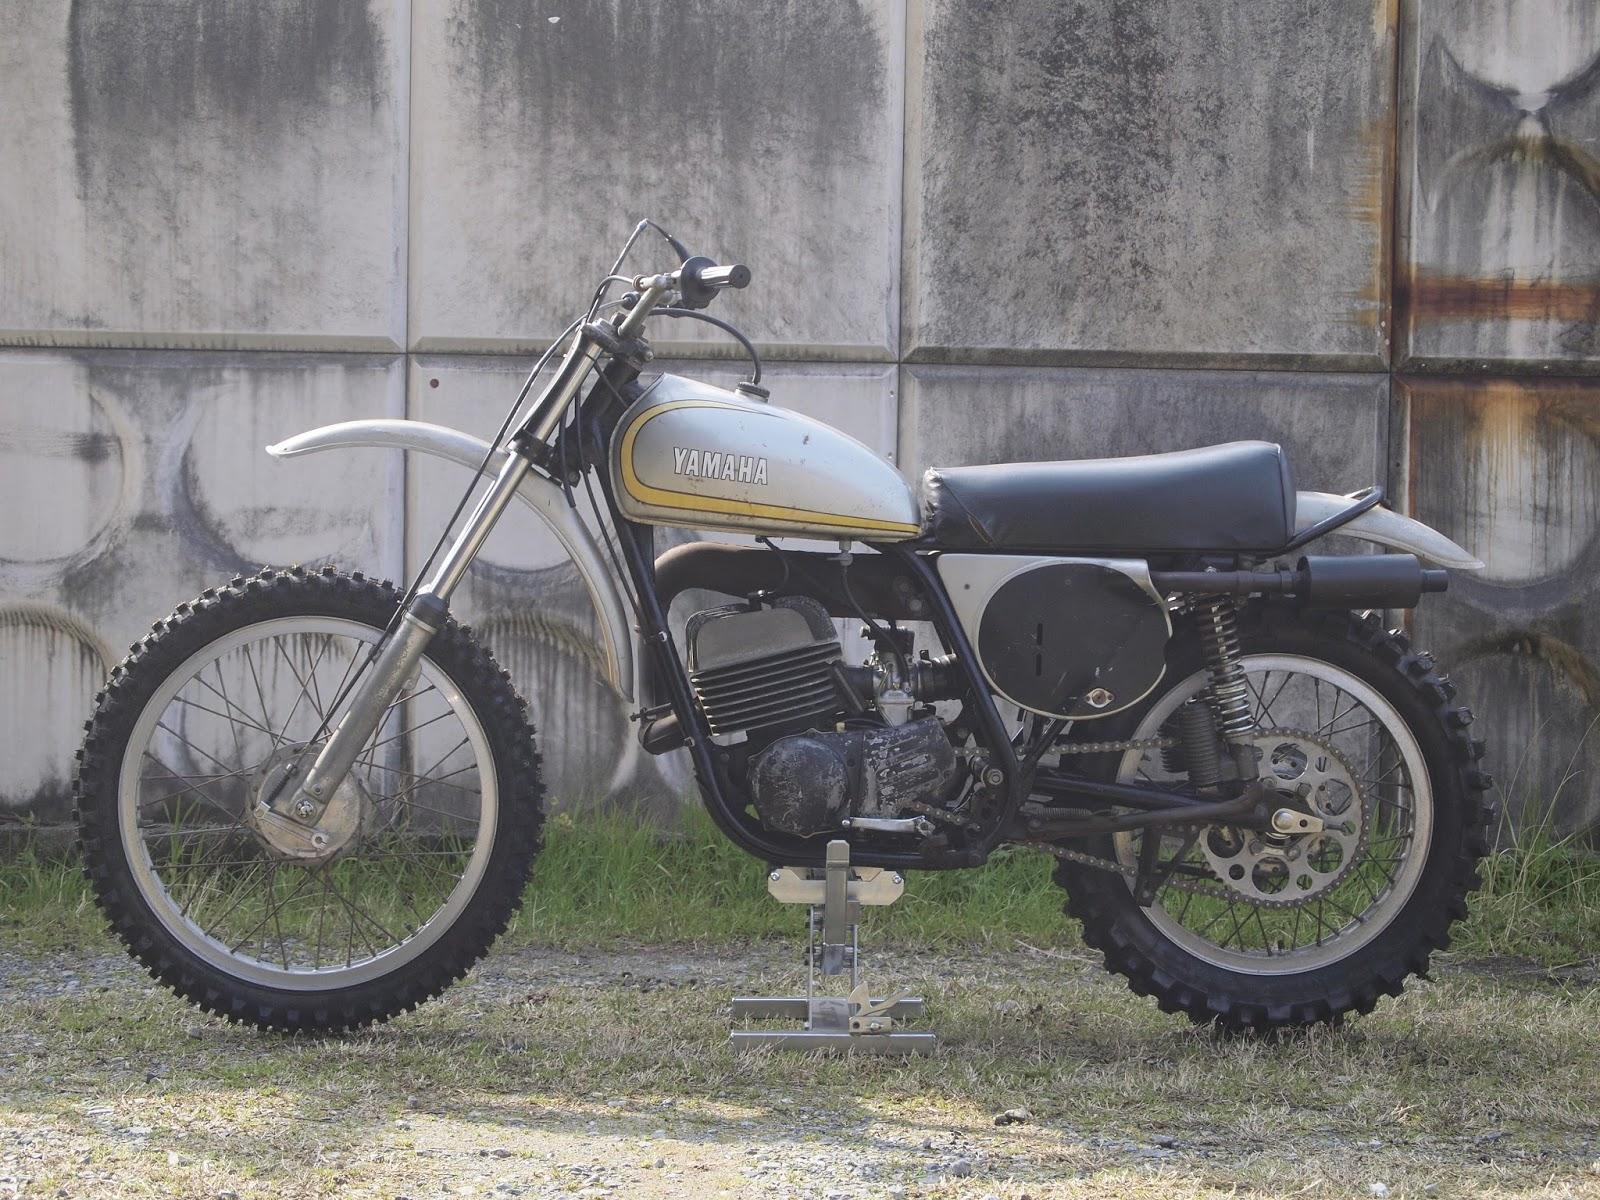 Replay moto service blog 1973 yamaha mx250 for sale for Yamaha mx 80 for sale